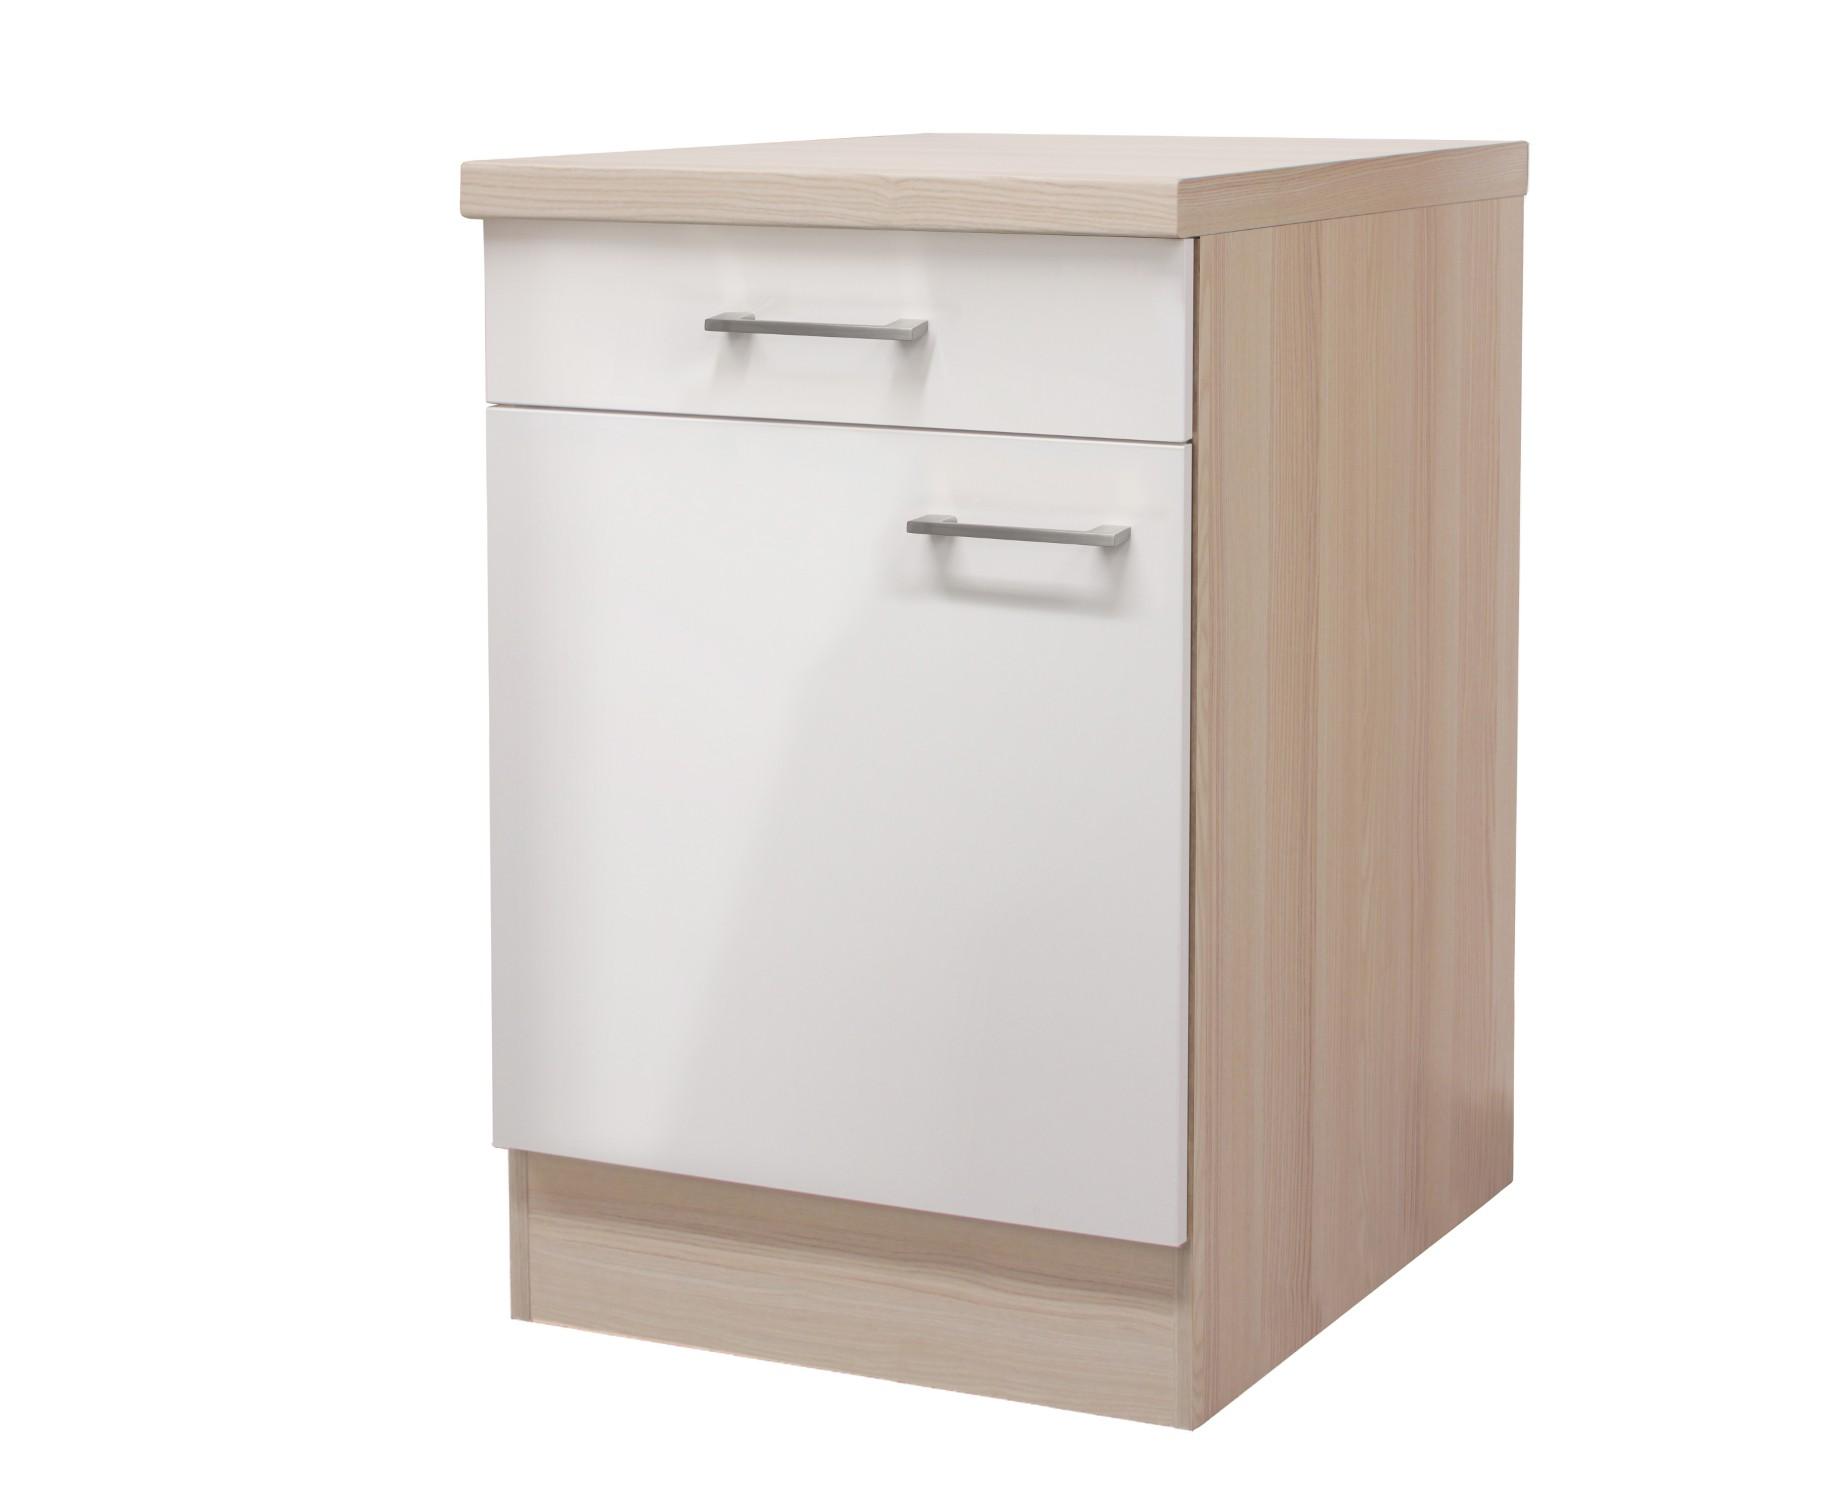 Full Size of Küchenunterschrank Kchen Unterschrank Florenz 1 Trig 60 Cm Breit Perlmutt Wohnzimmer Küchenunterschrank